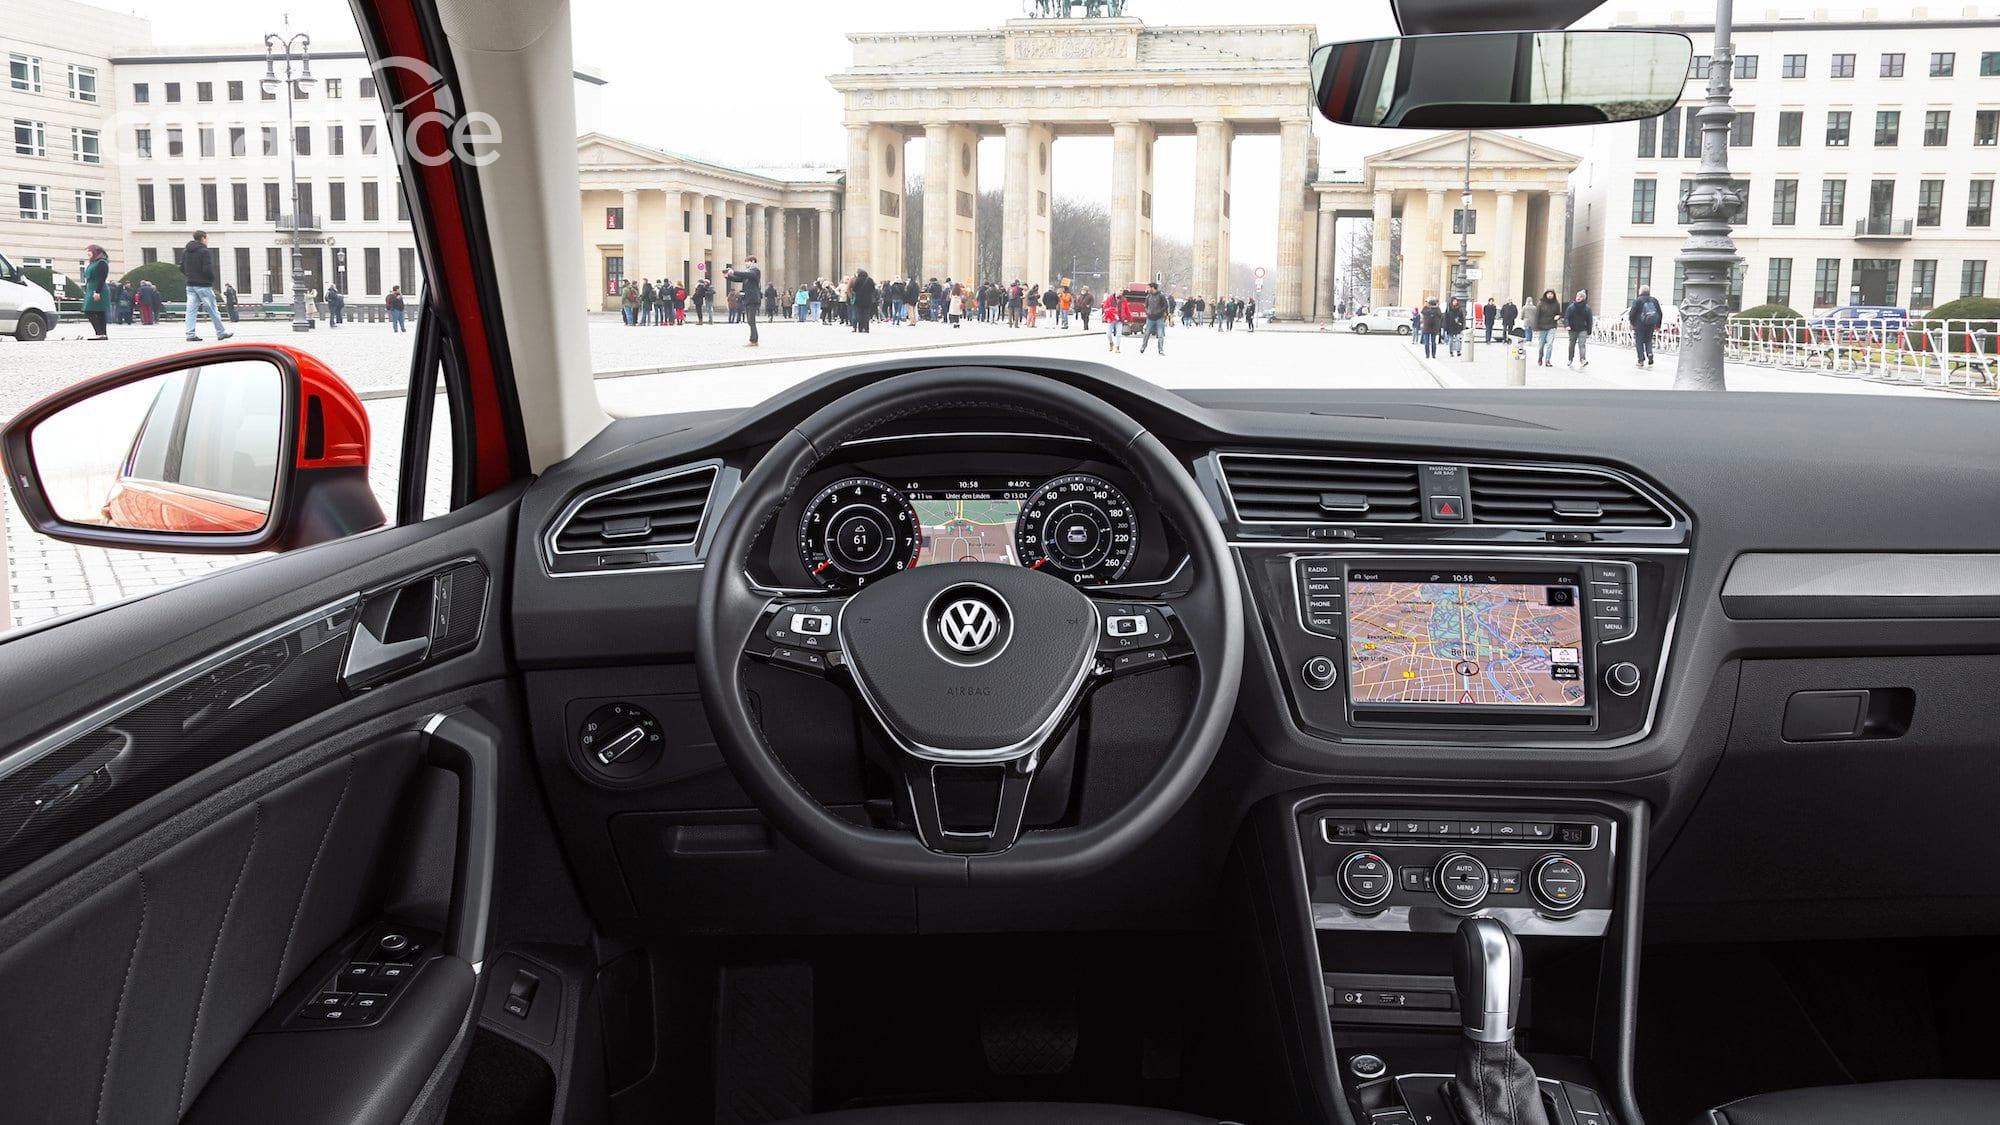 2017 Volkswagen Tiguan Australian Specifications Revealed